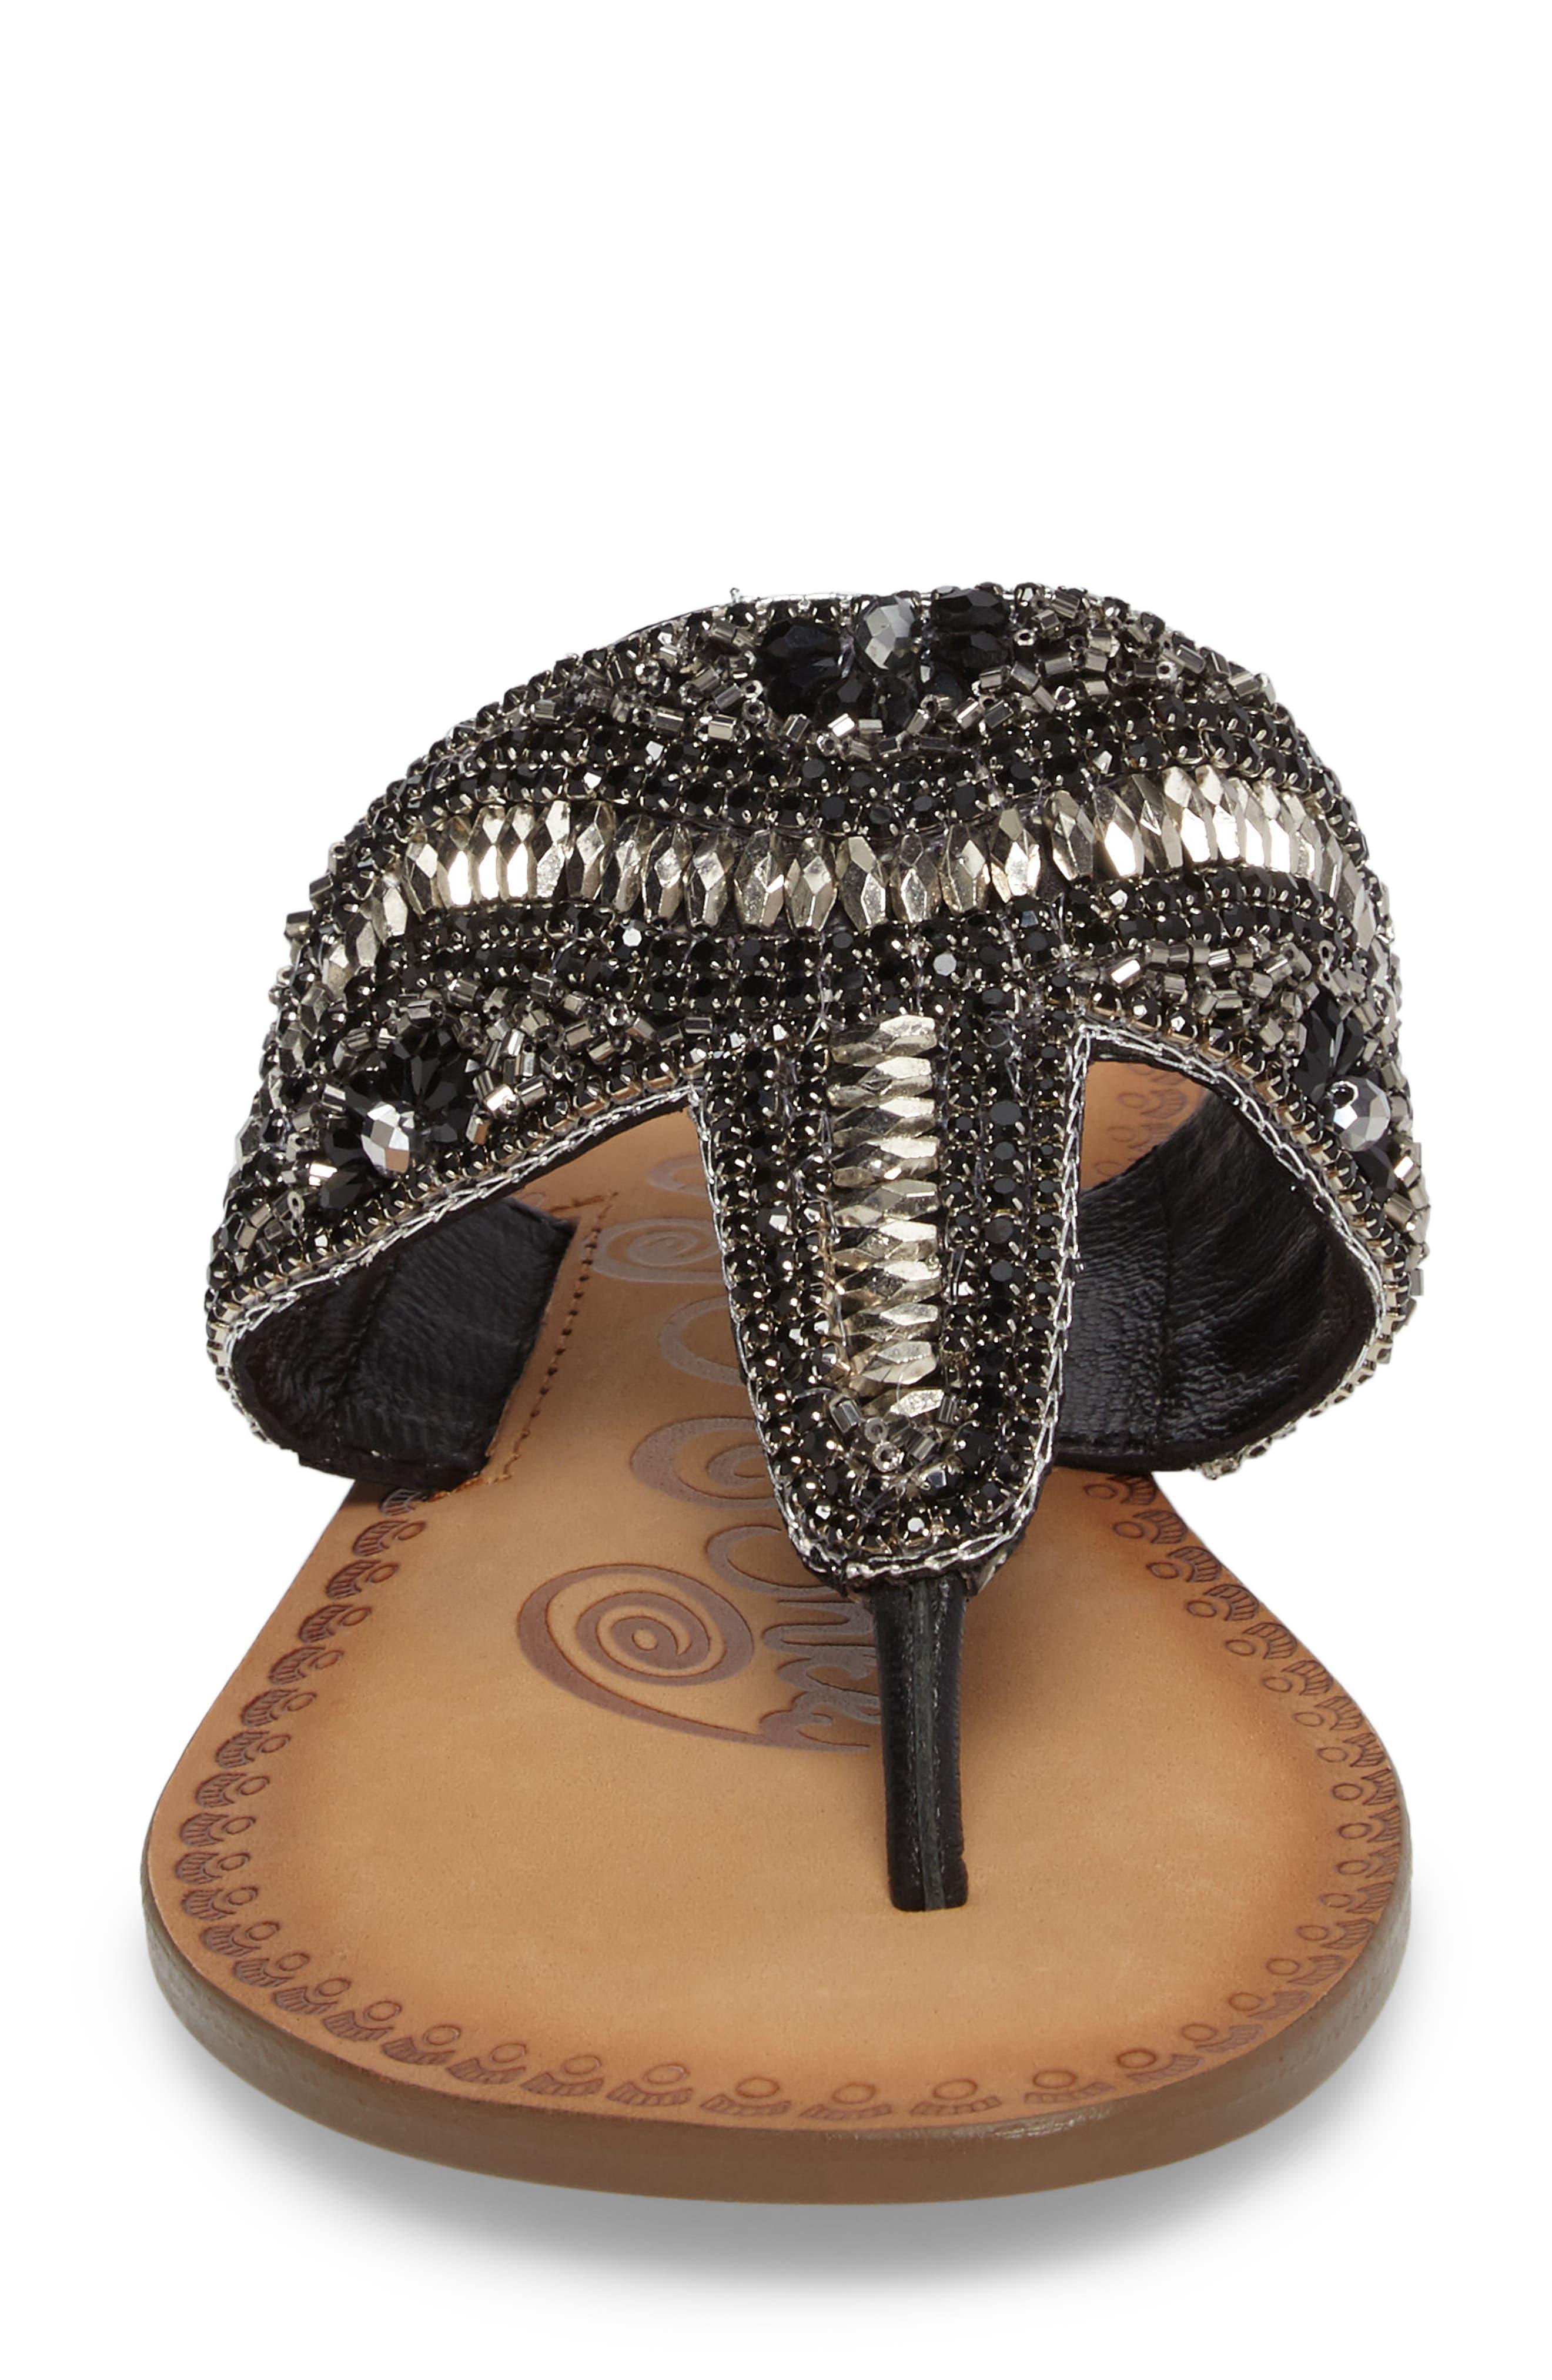 Lizabeth Embellished Sandal,                             Alternate thumbnail 4, color,                             Black Leather